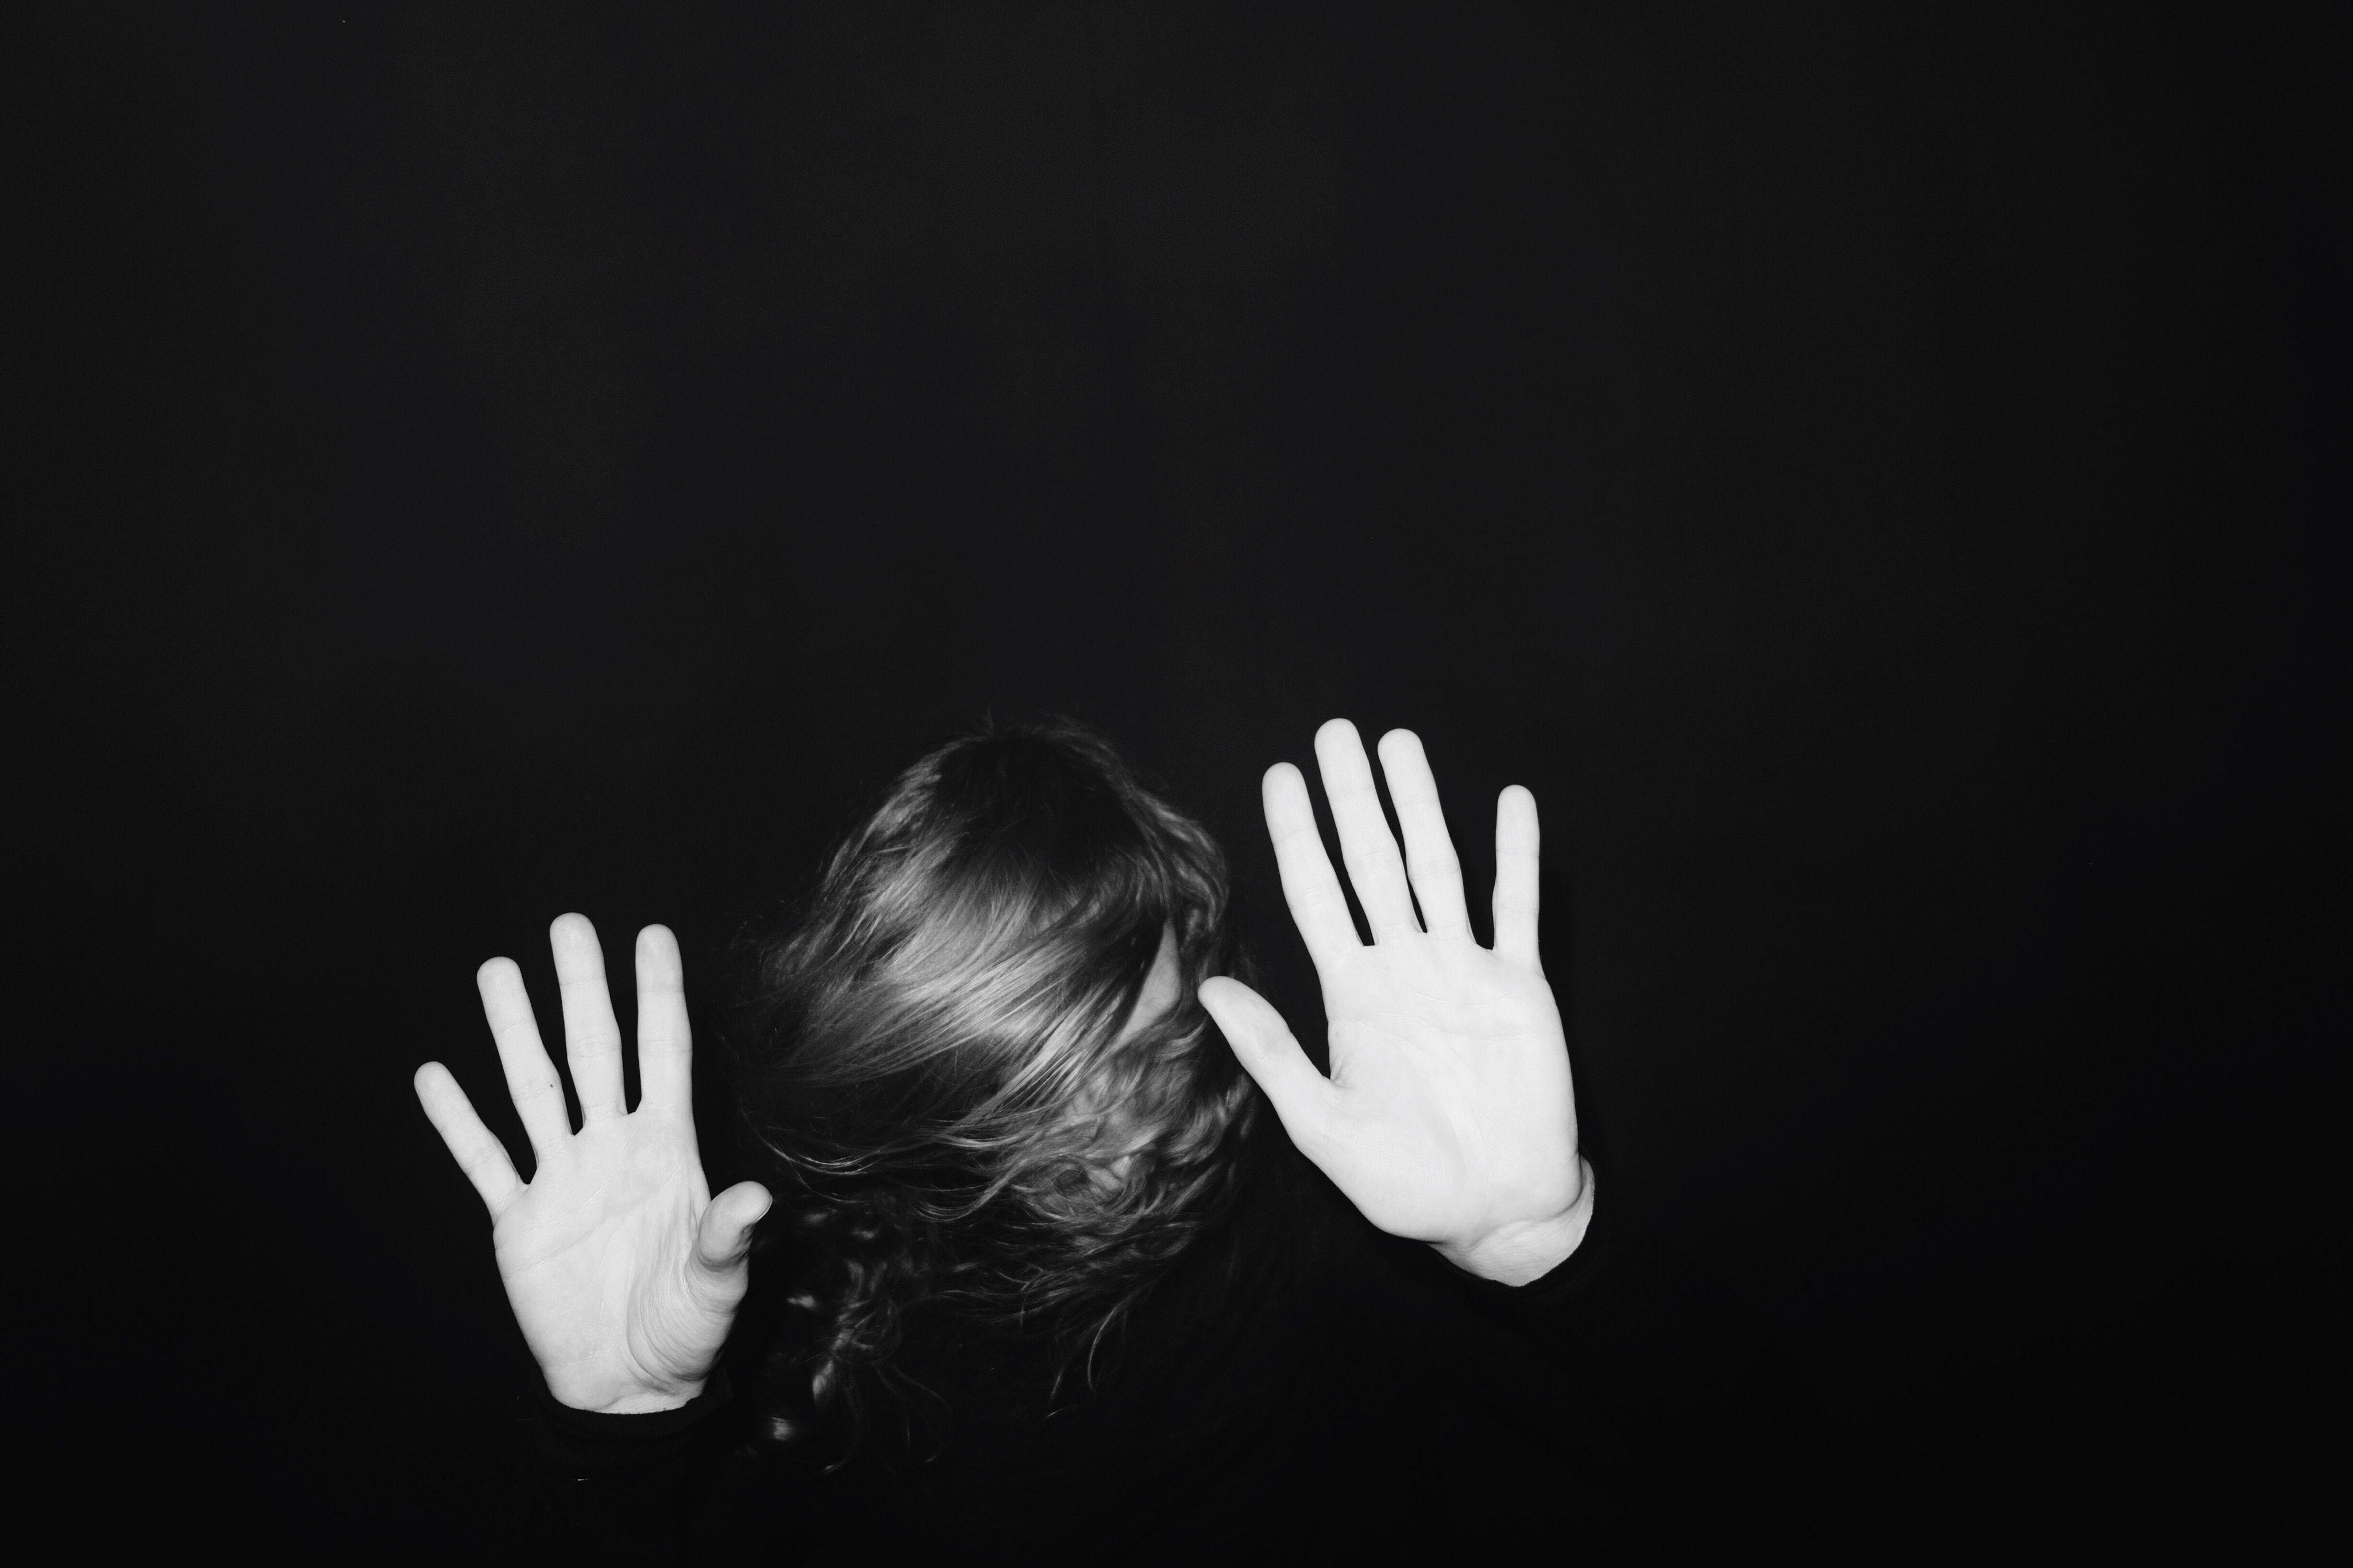 La Come Donne 25 Aiutare Violenza Giornata Novembre Sulle Contro tCxtfwOTq